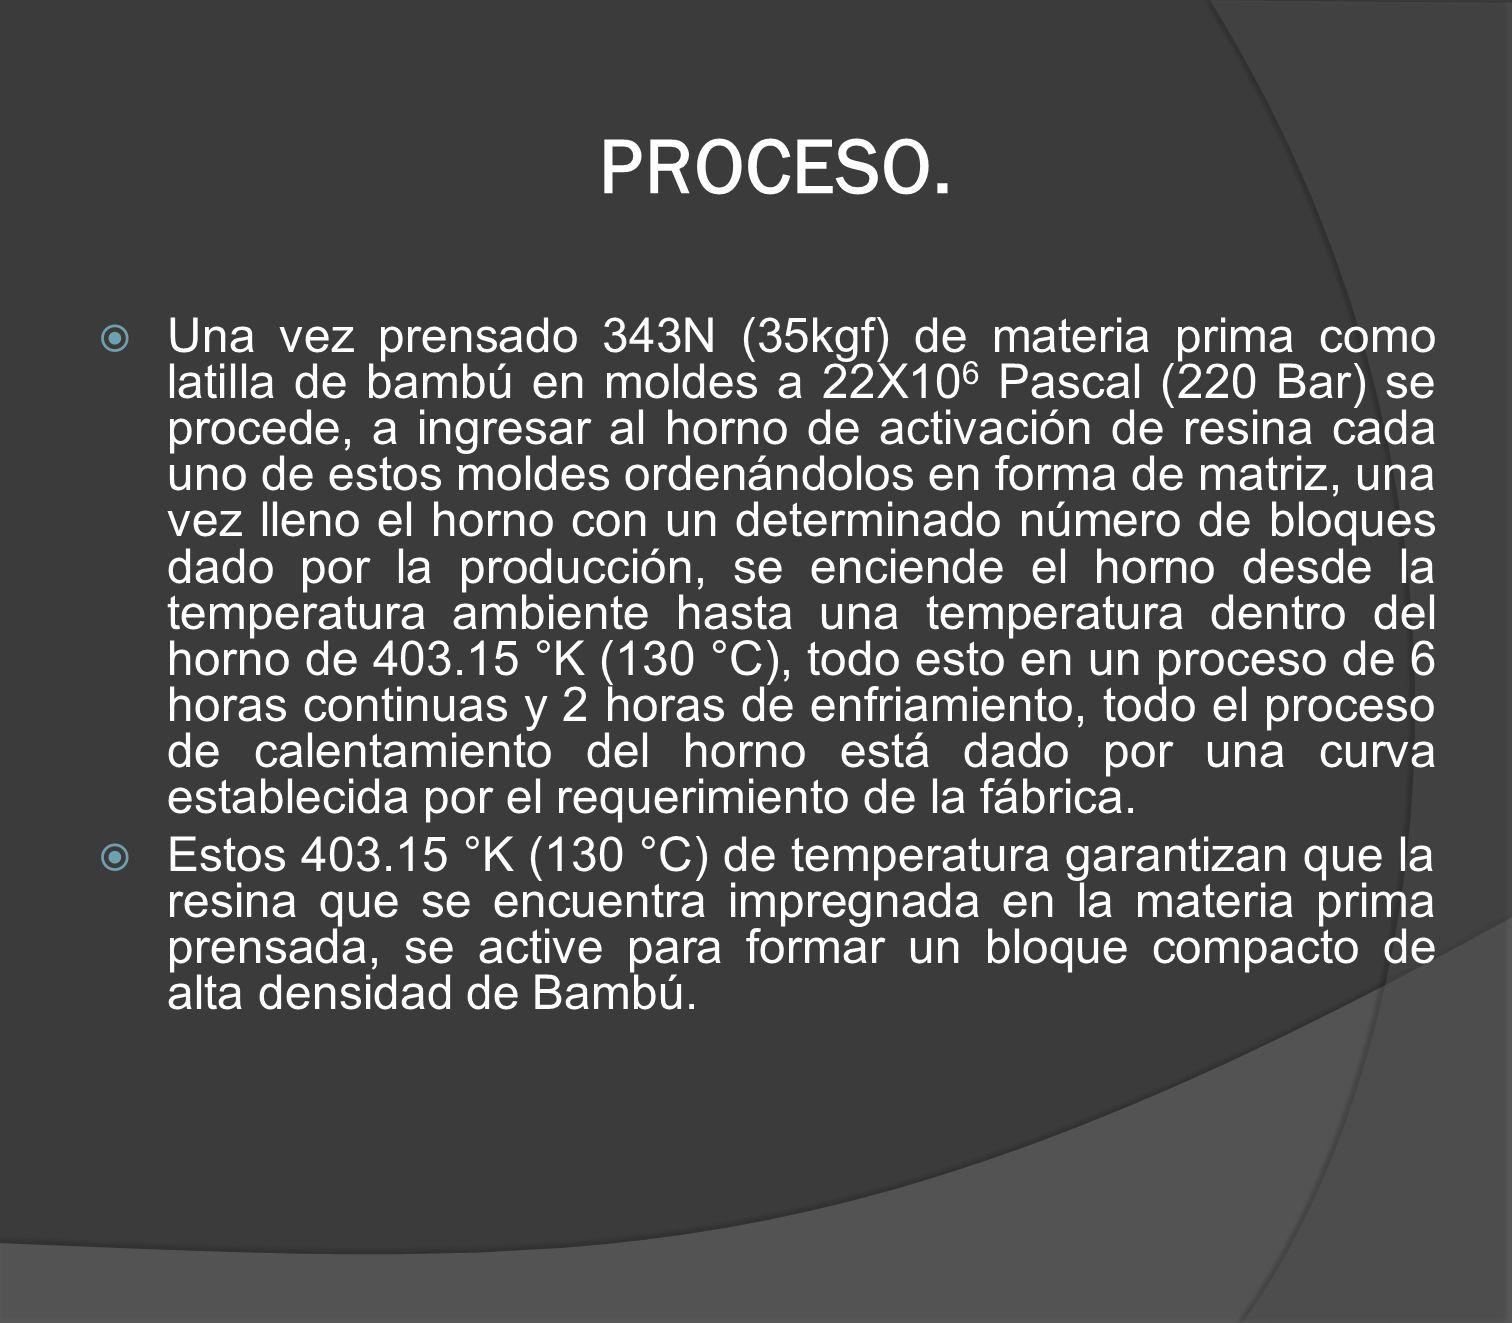 PROCESO. Una vez prensado 343N (35kgf) de materia prima como latilla de bambú en moldes a 22X10 6 Pascal (220 Bar) se procede, a ingresar al horno de